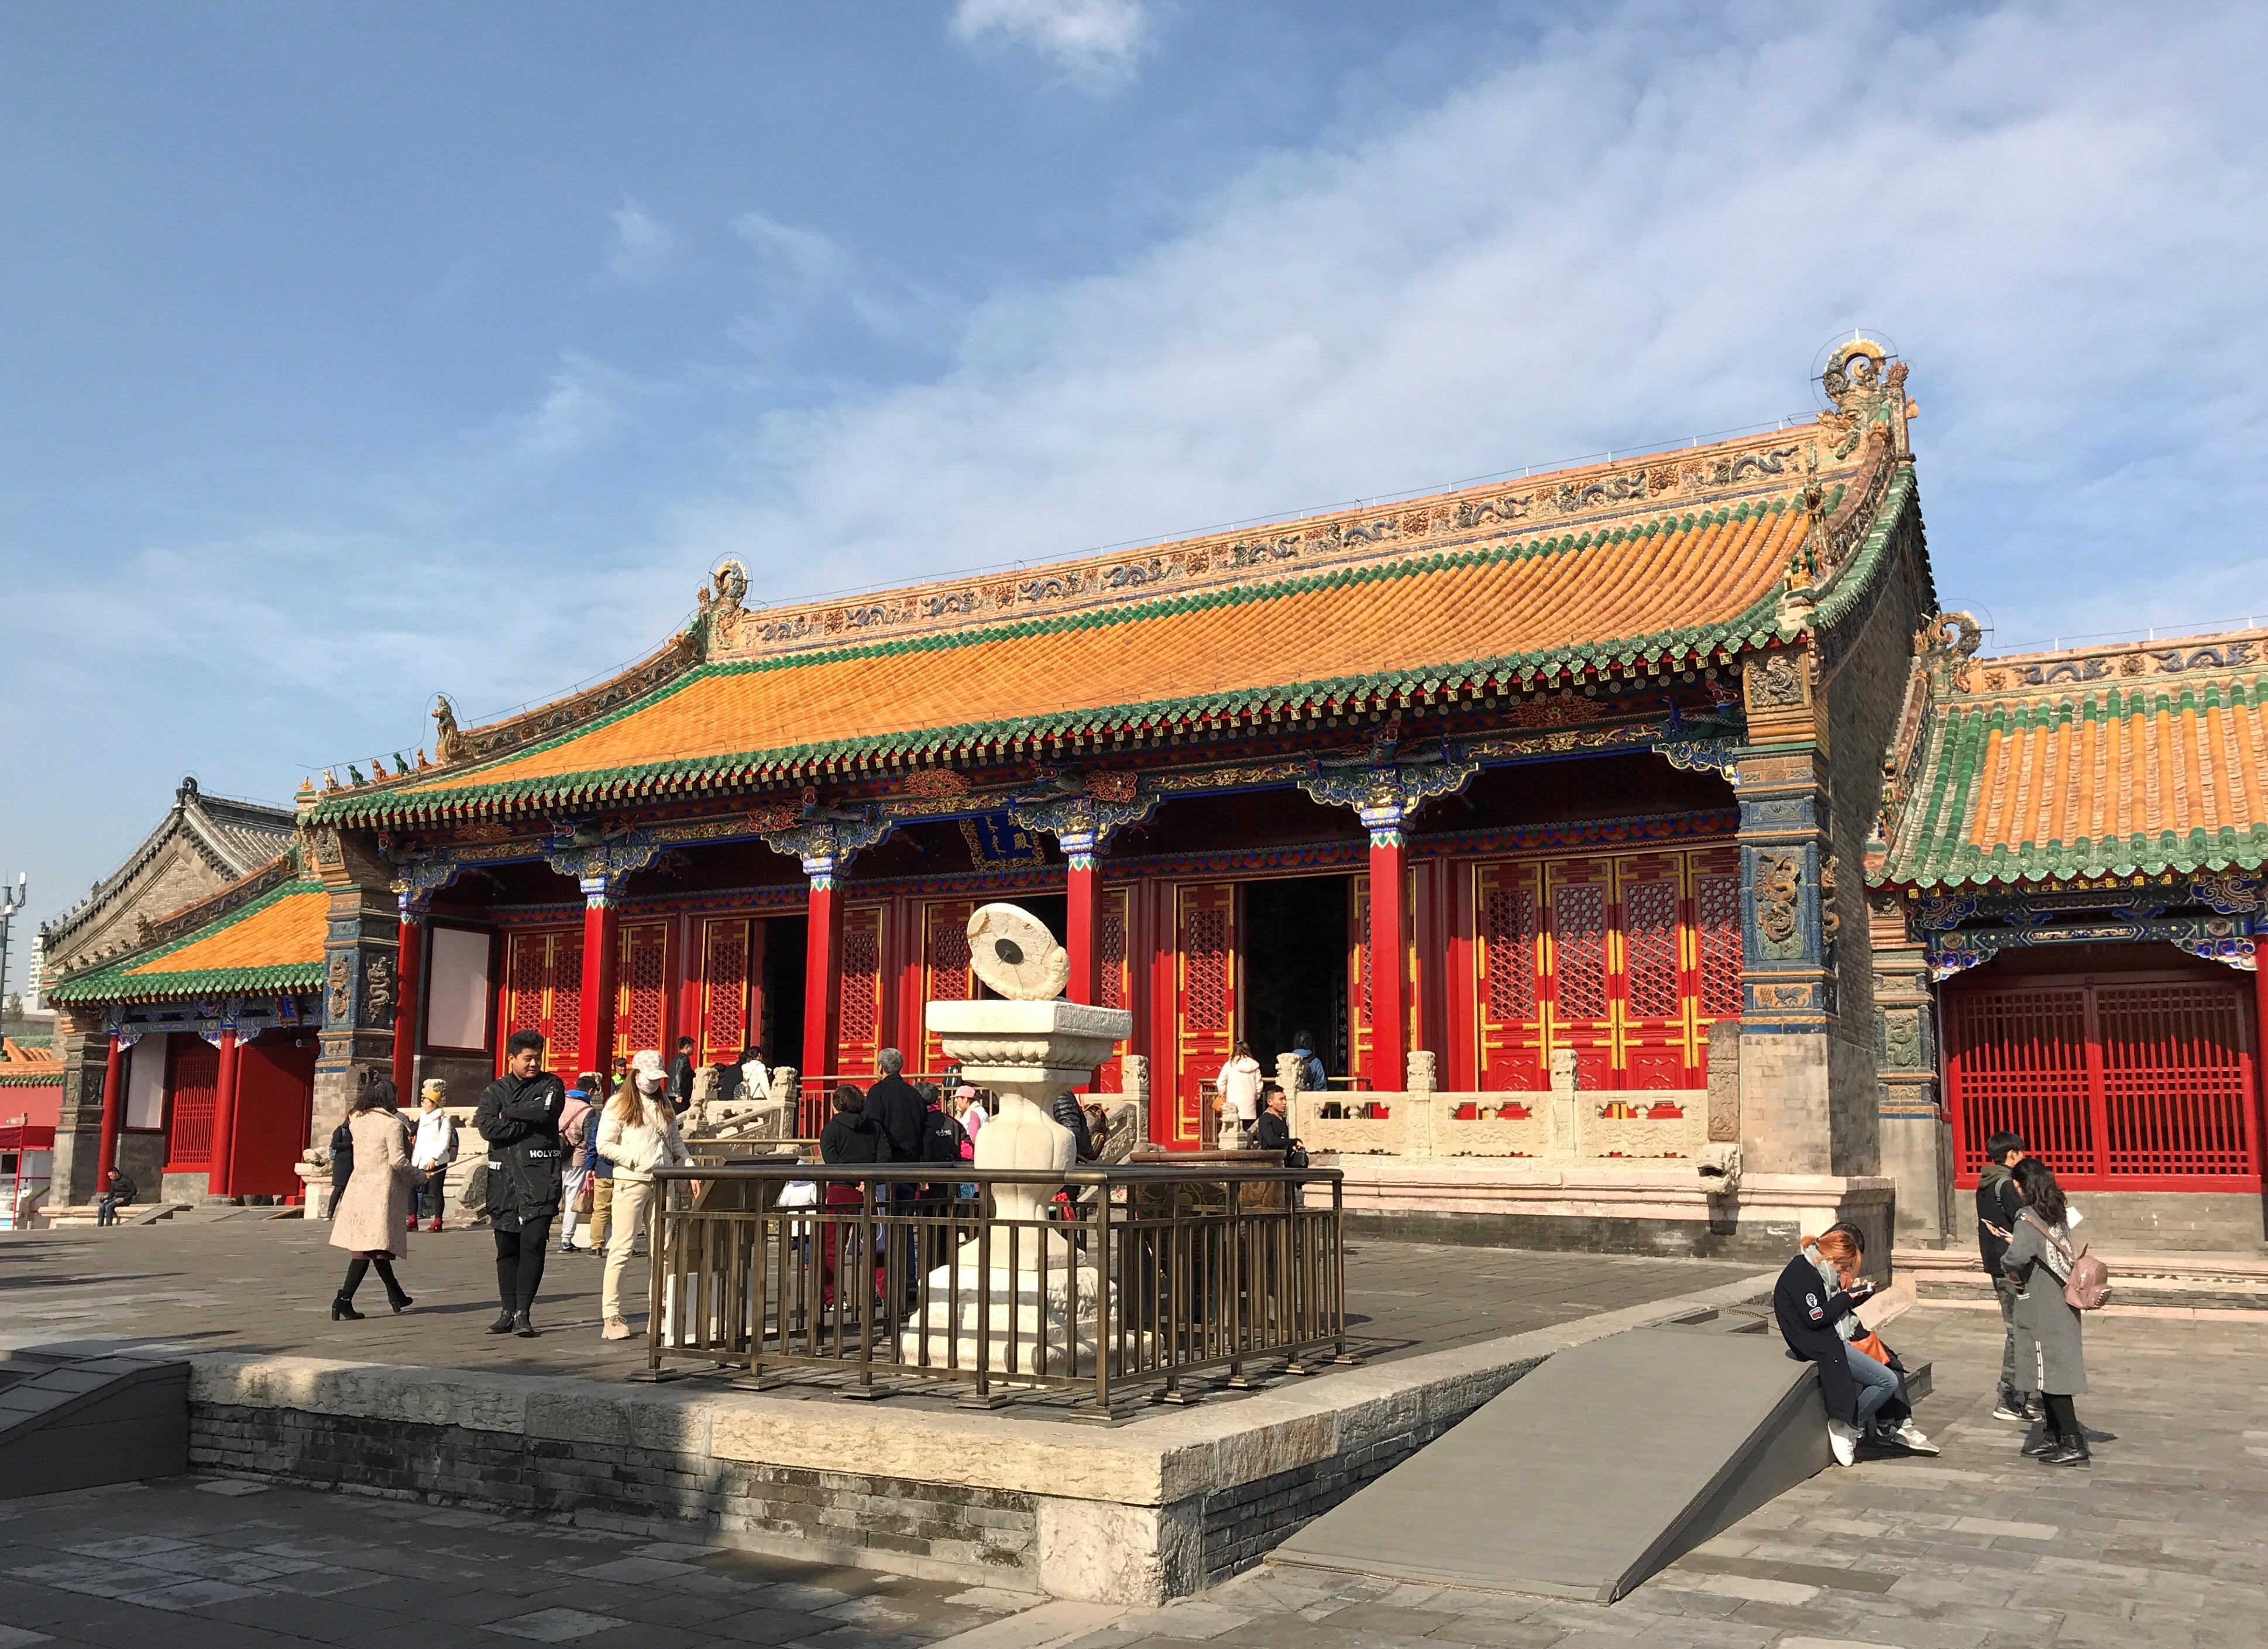 沈阳故宫之皇太极的金銮殿